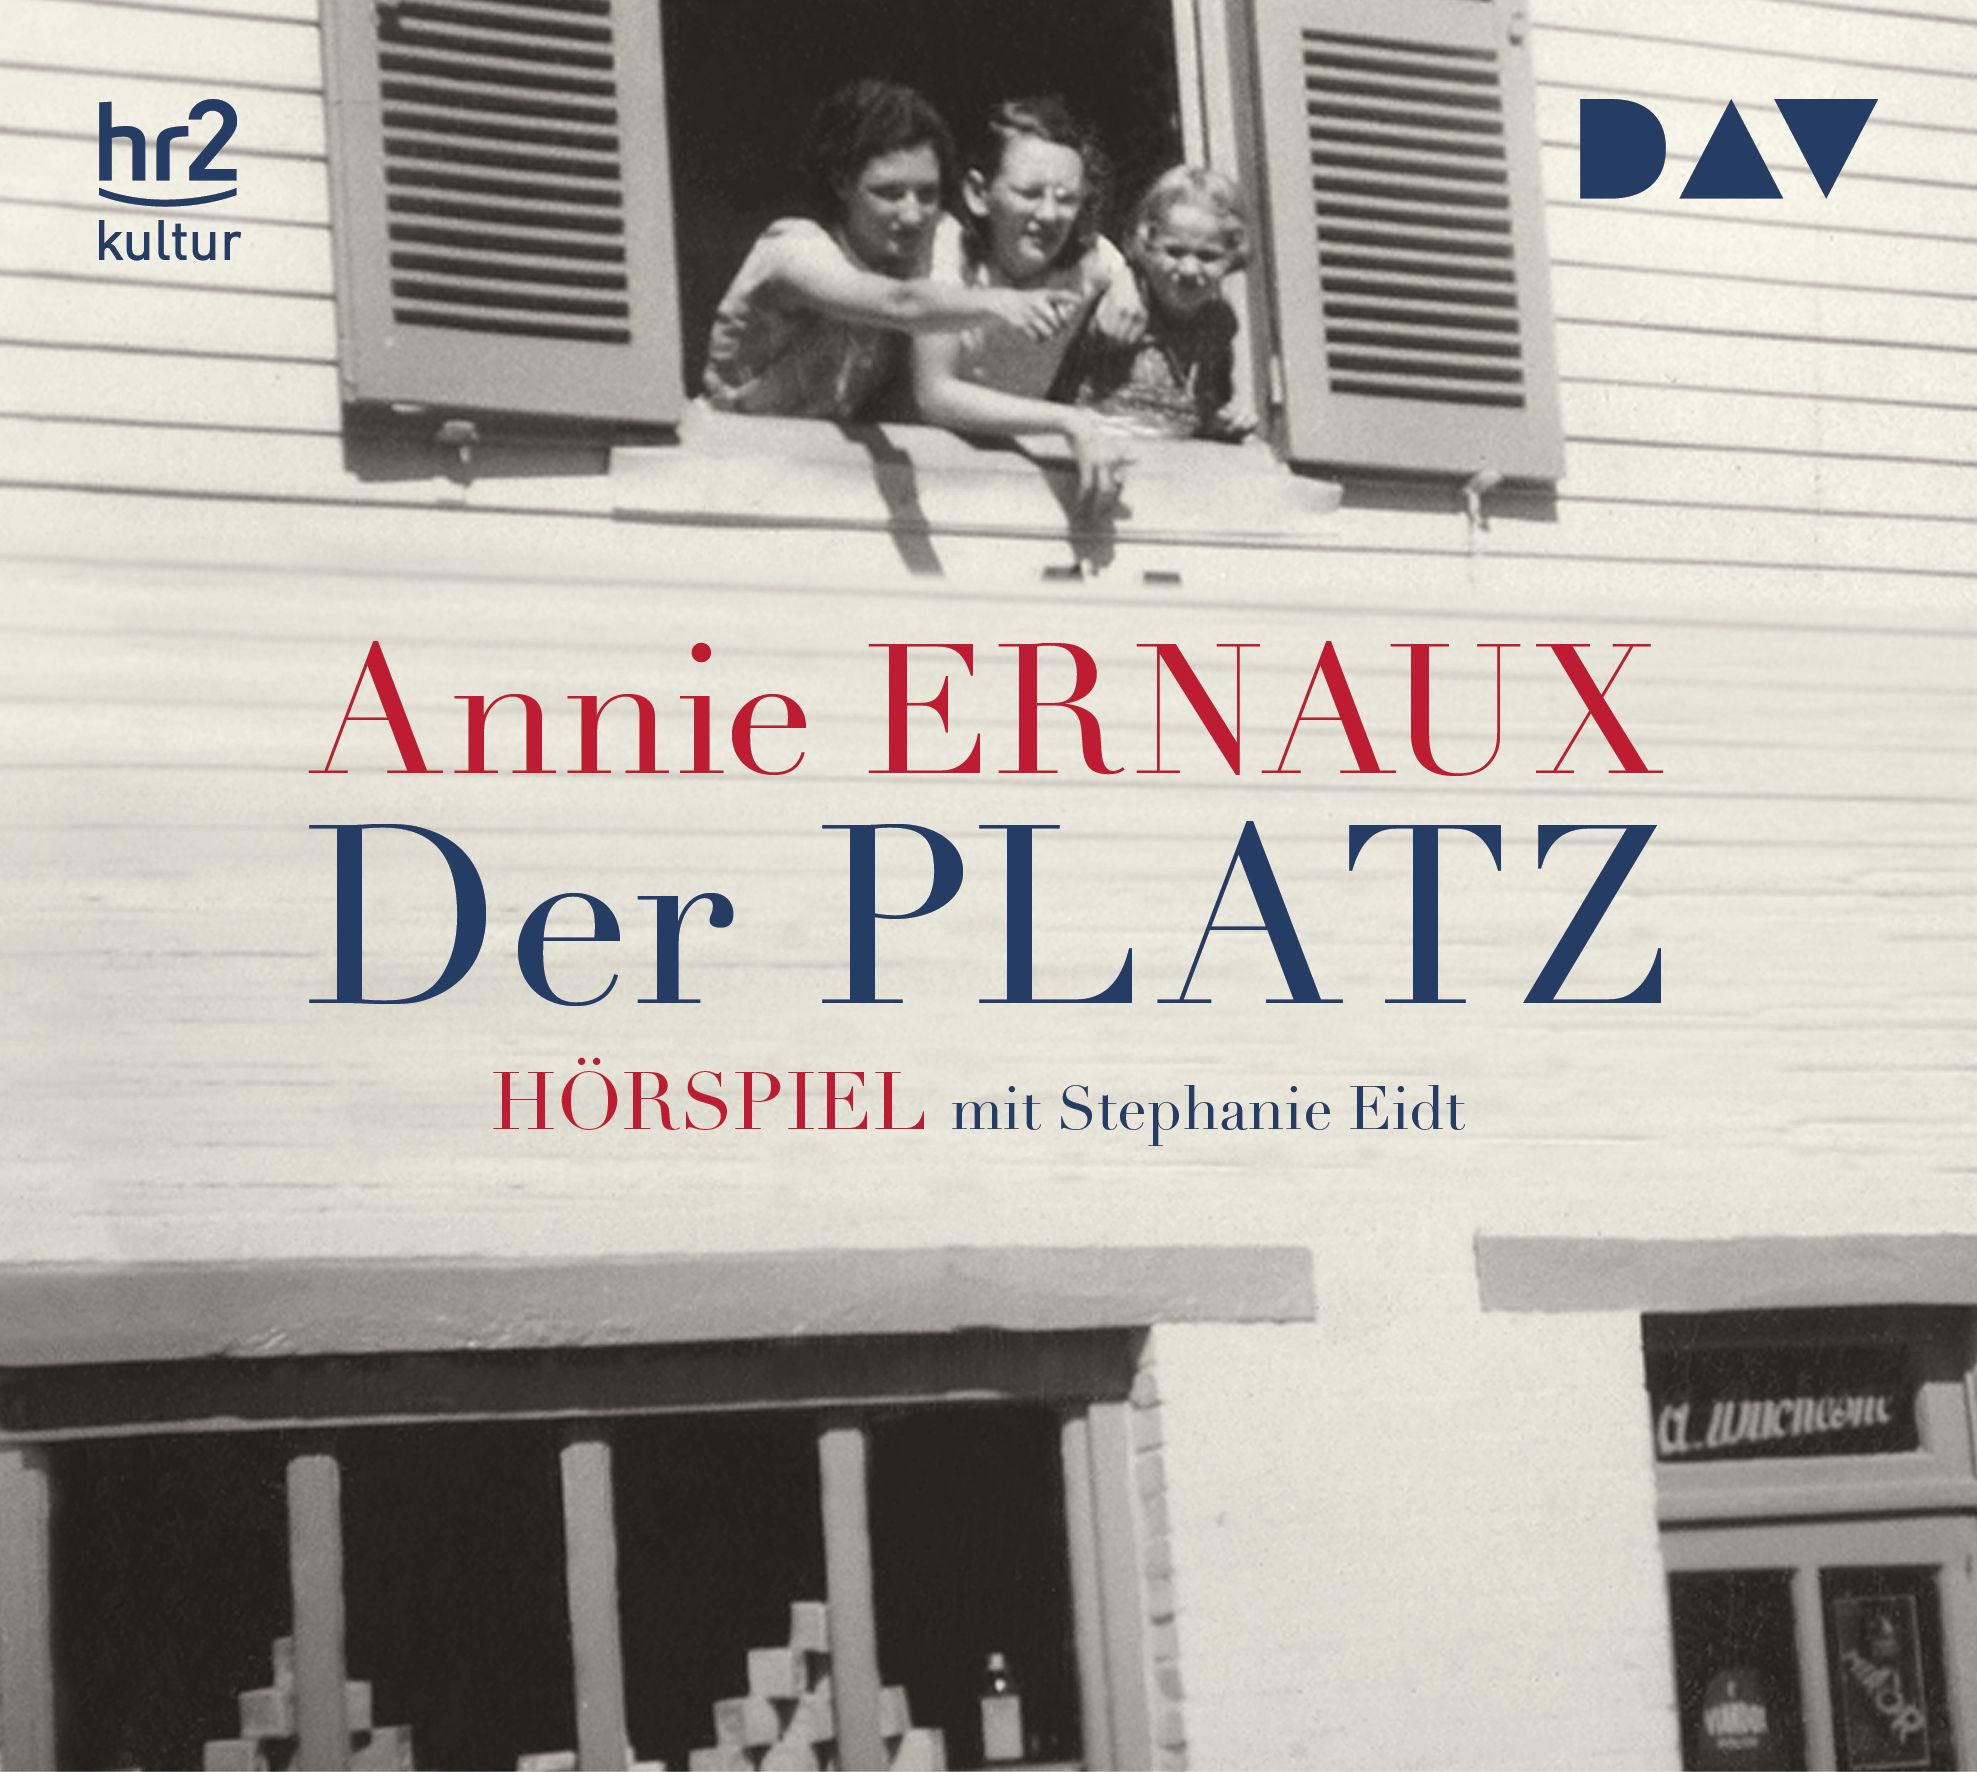 Annie Ernaux - Der Platz (Hörspiel)